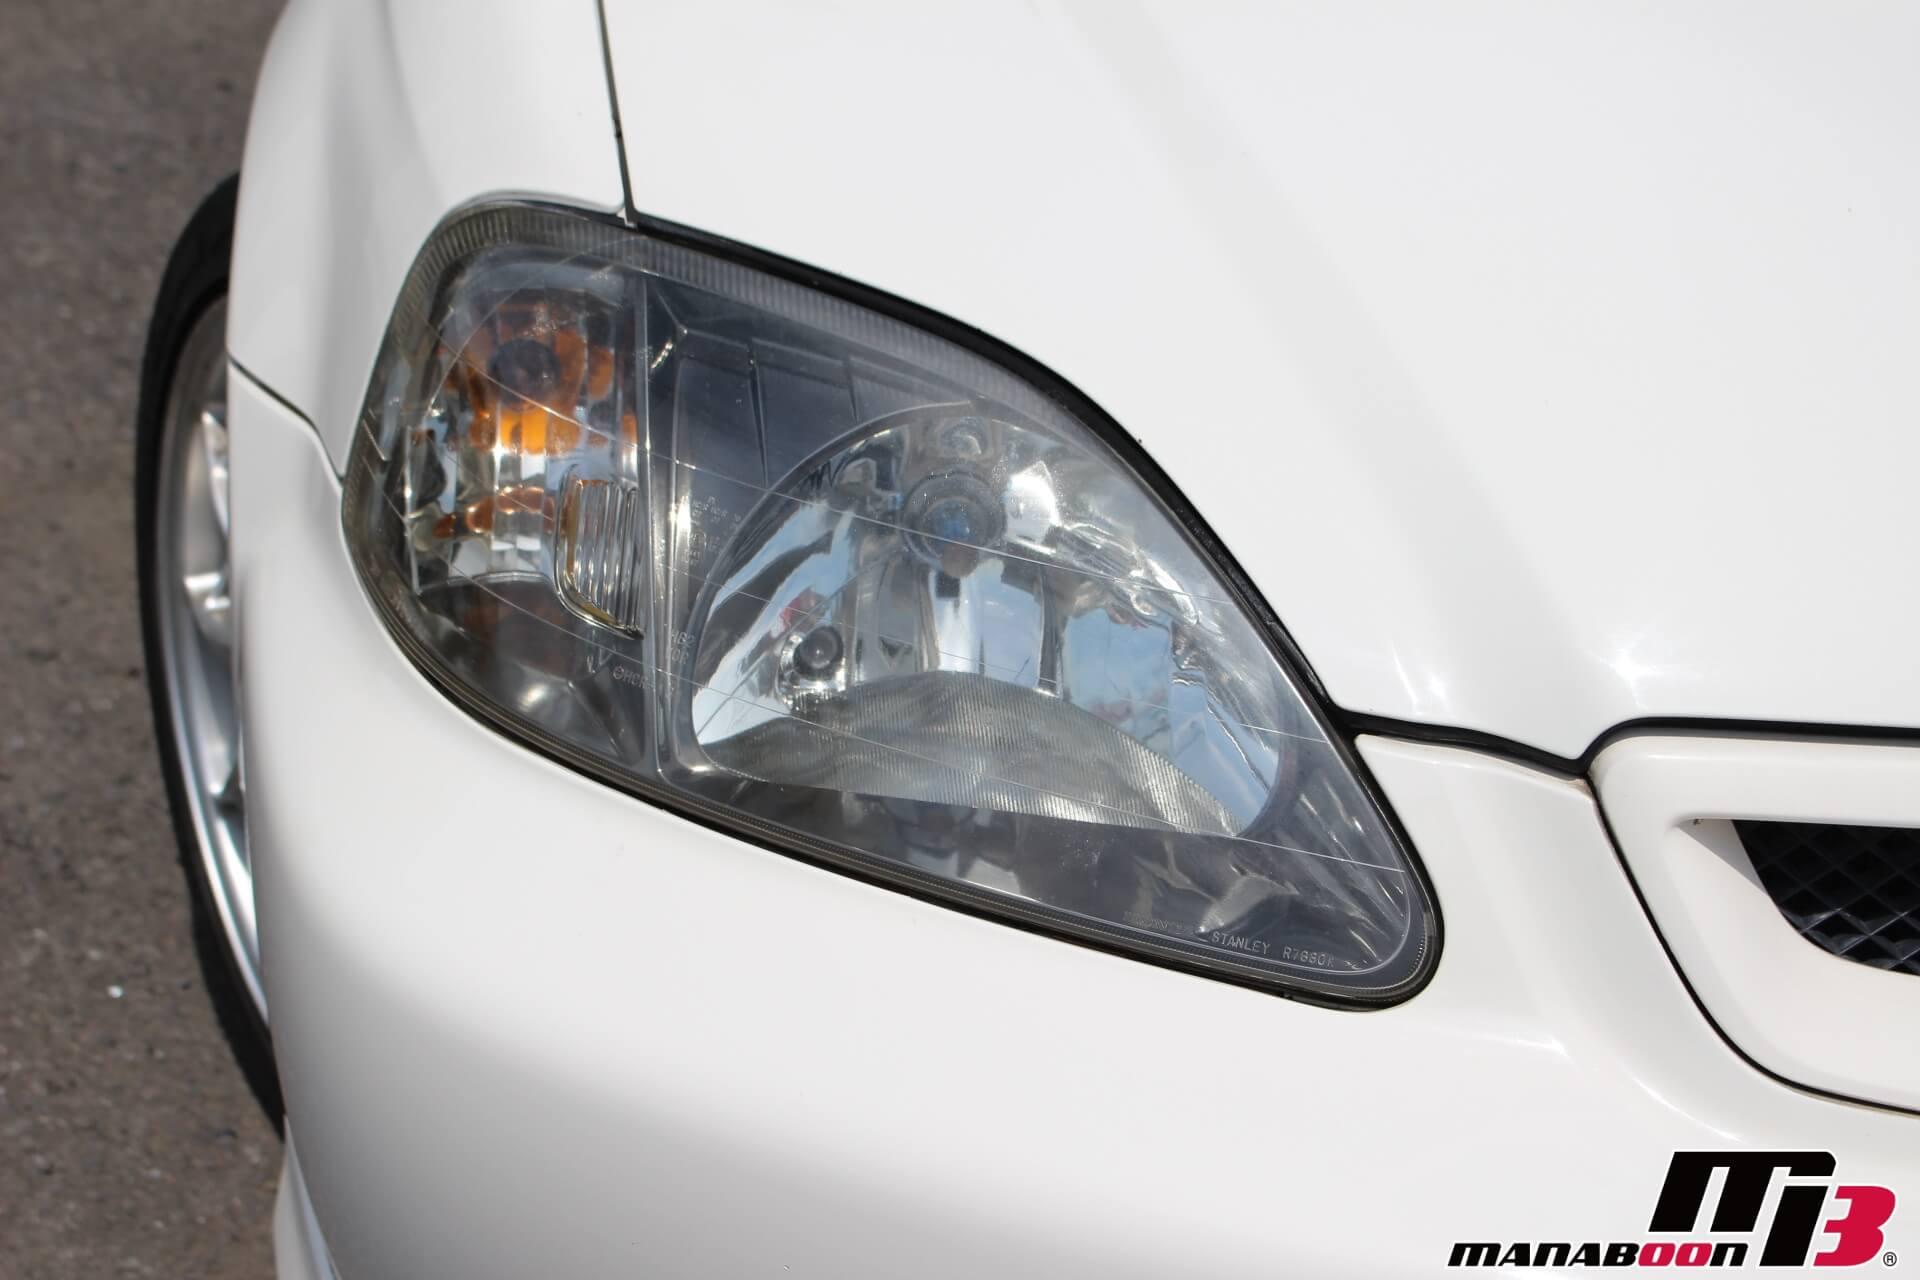 シビックタイプR(EK9)後期型 ヘッドライト画像